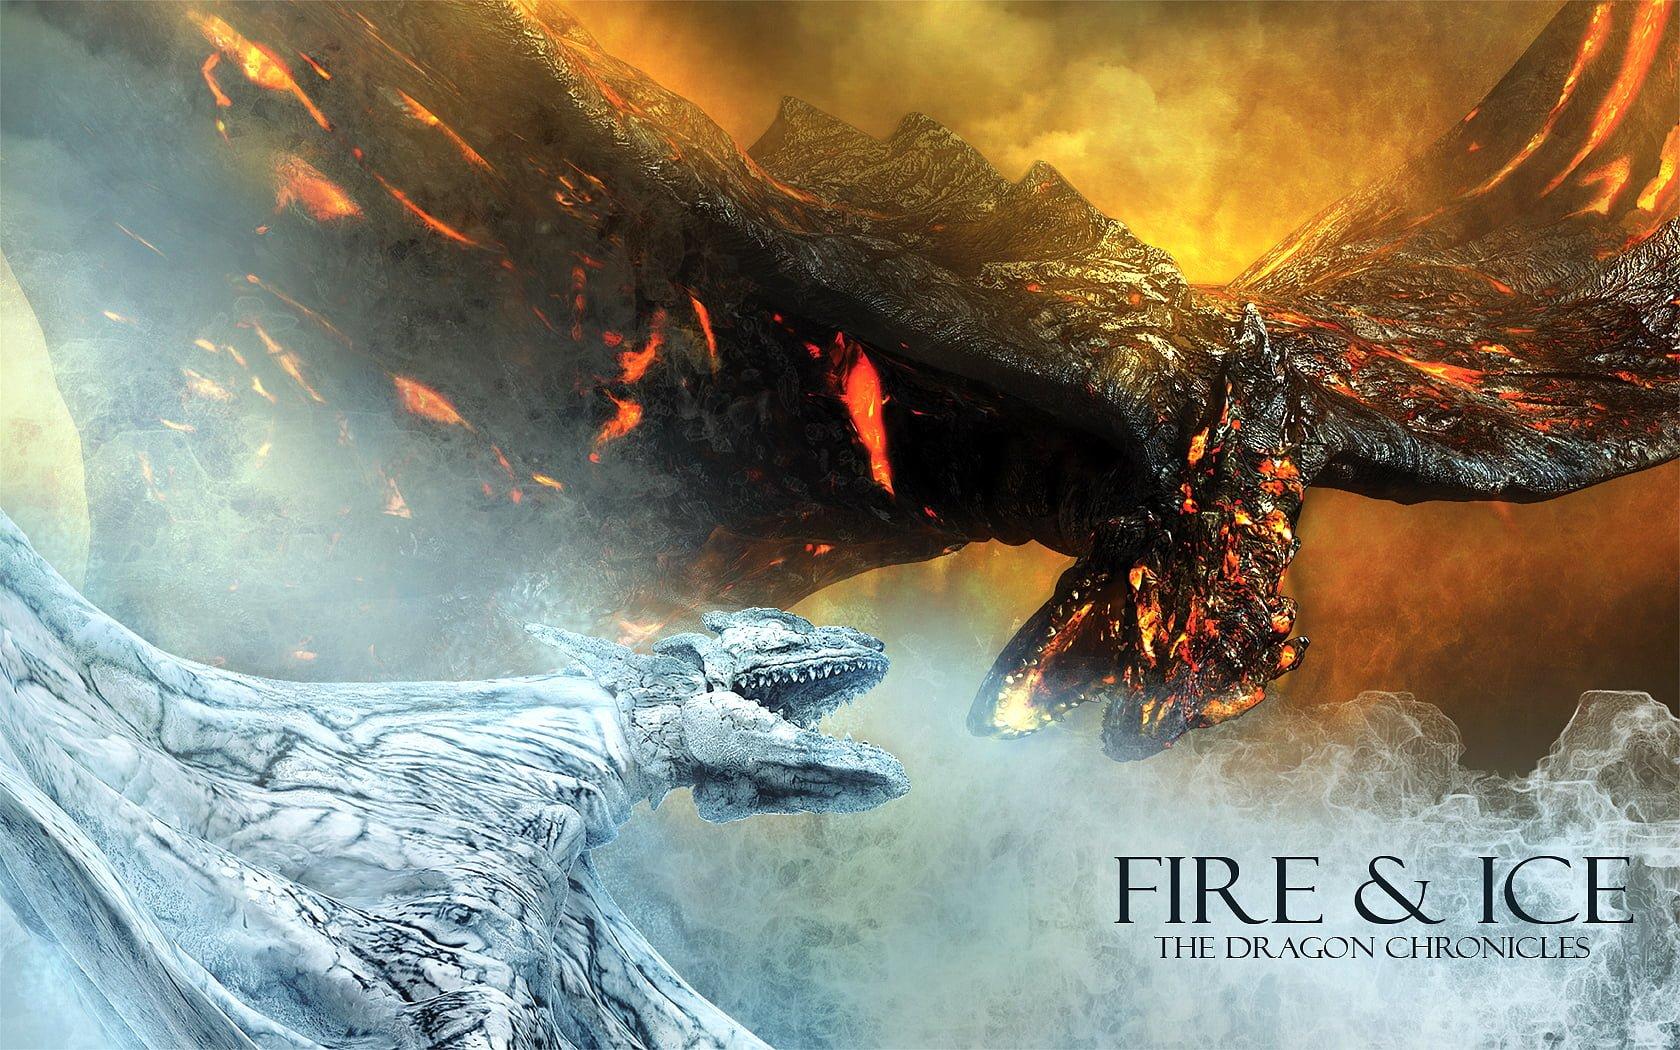 TOP Zece cele mai bune filme cu dragoni! GALERIE VIDEO